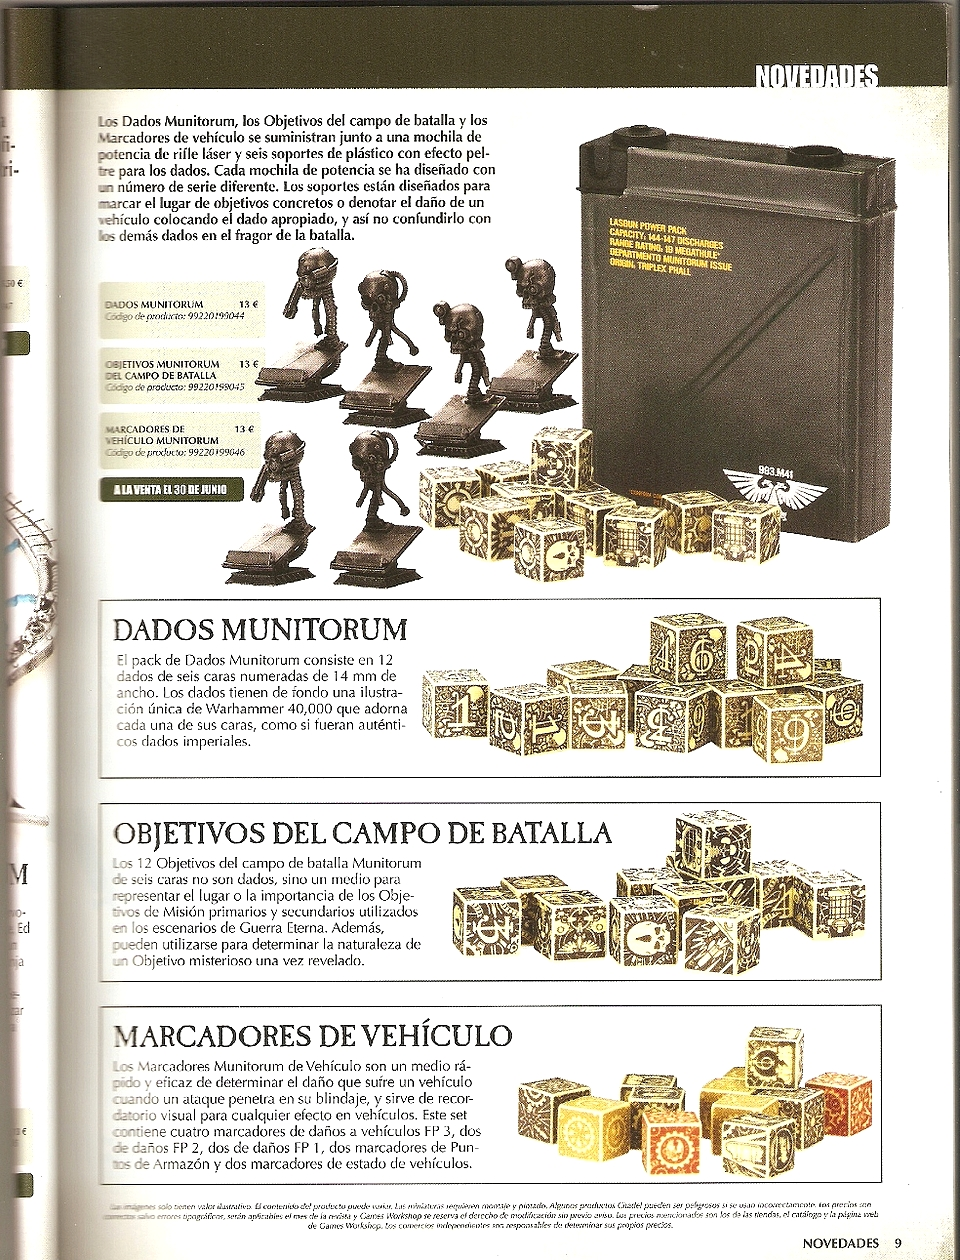 Warhammer 40K V6 - Lancement des hostilités : le 23-VI-12 ! - Page 5 404155W40KV6Rulebook3